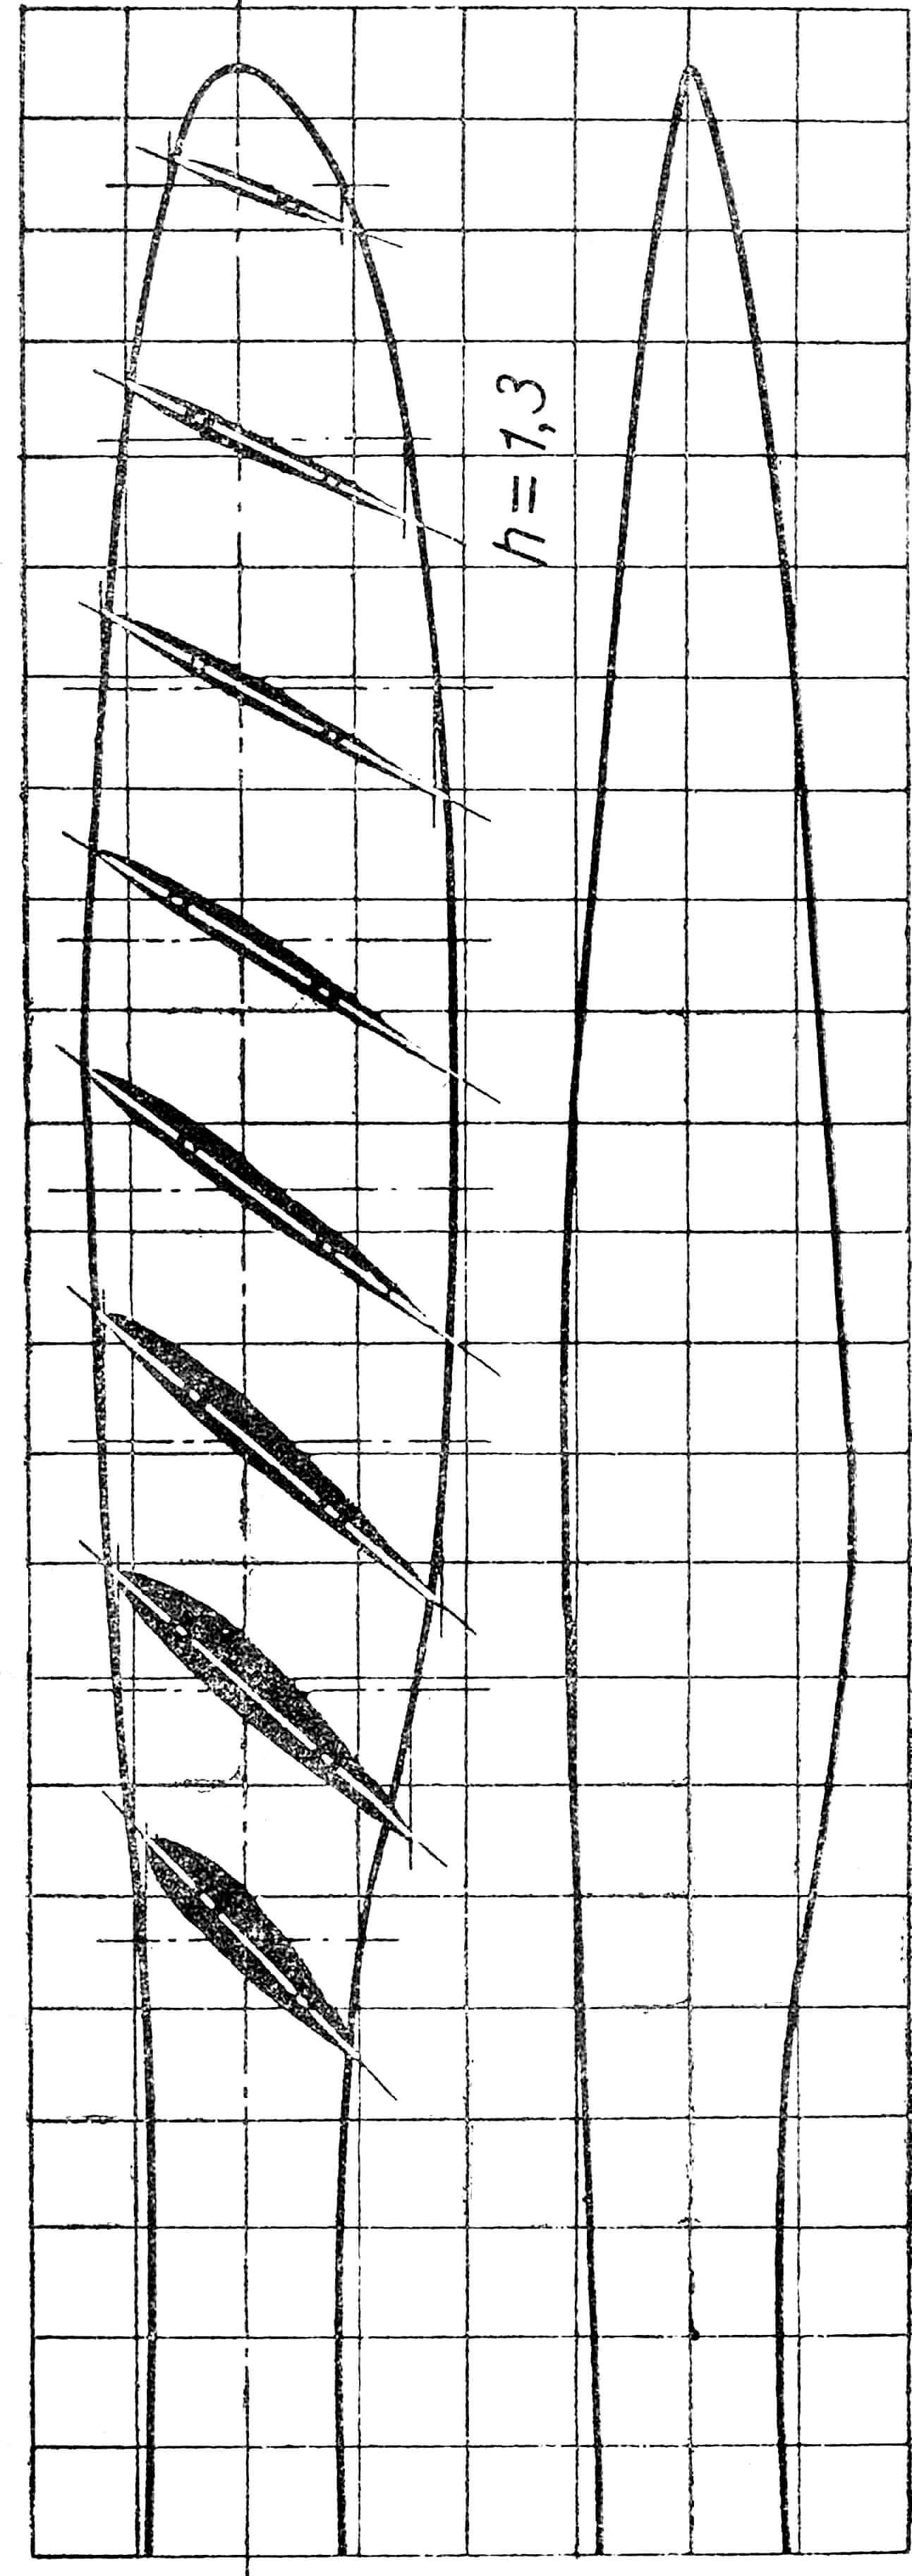 Рис. 5. Схема управления газом (или реверсом) двумя тросами в гибких оболочках: 1 — командный рычаг на рулевом посту; 2 и 4 — штуцеры троса; 3 — трос; 5 — исполнительный рычаг на моторе; 6 — замыкающий ролик (шкив).